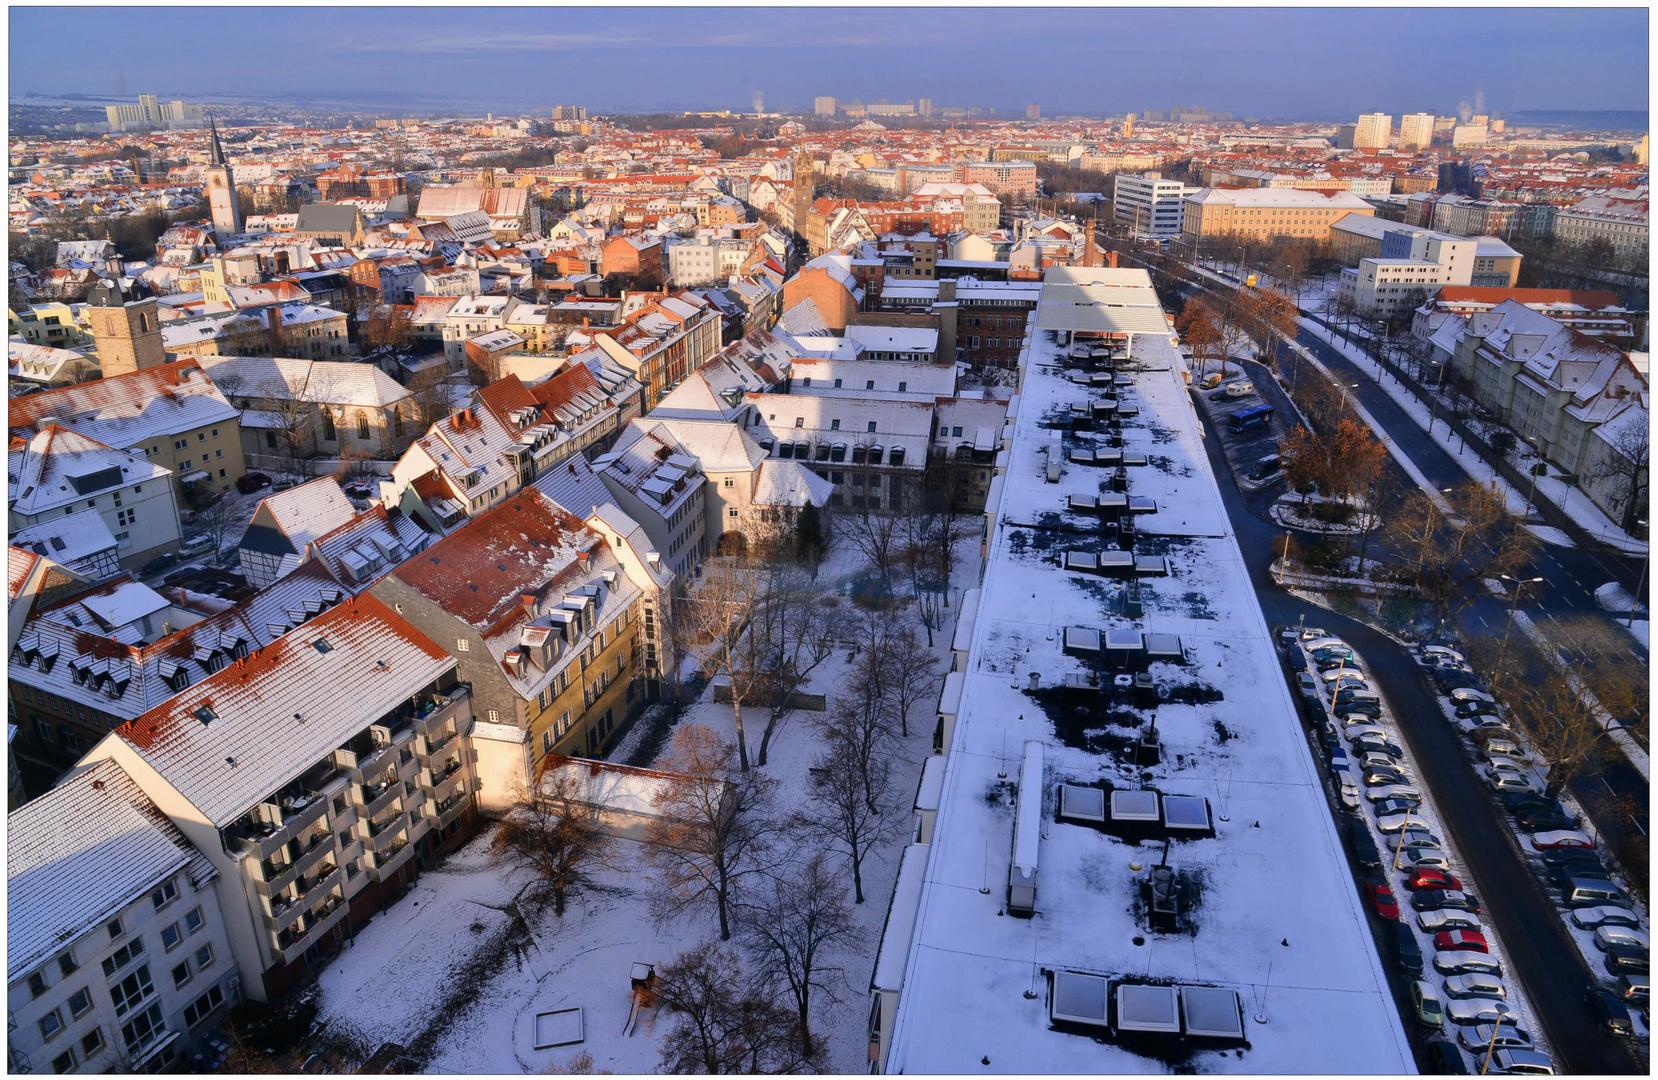 estar de visita en Erfurt, 2 (Besuch in Erfurt, 2)